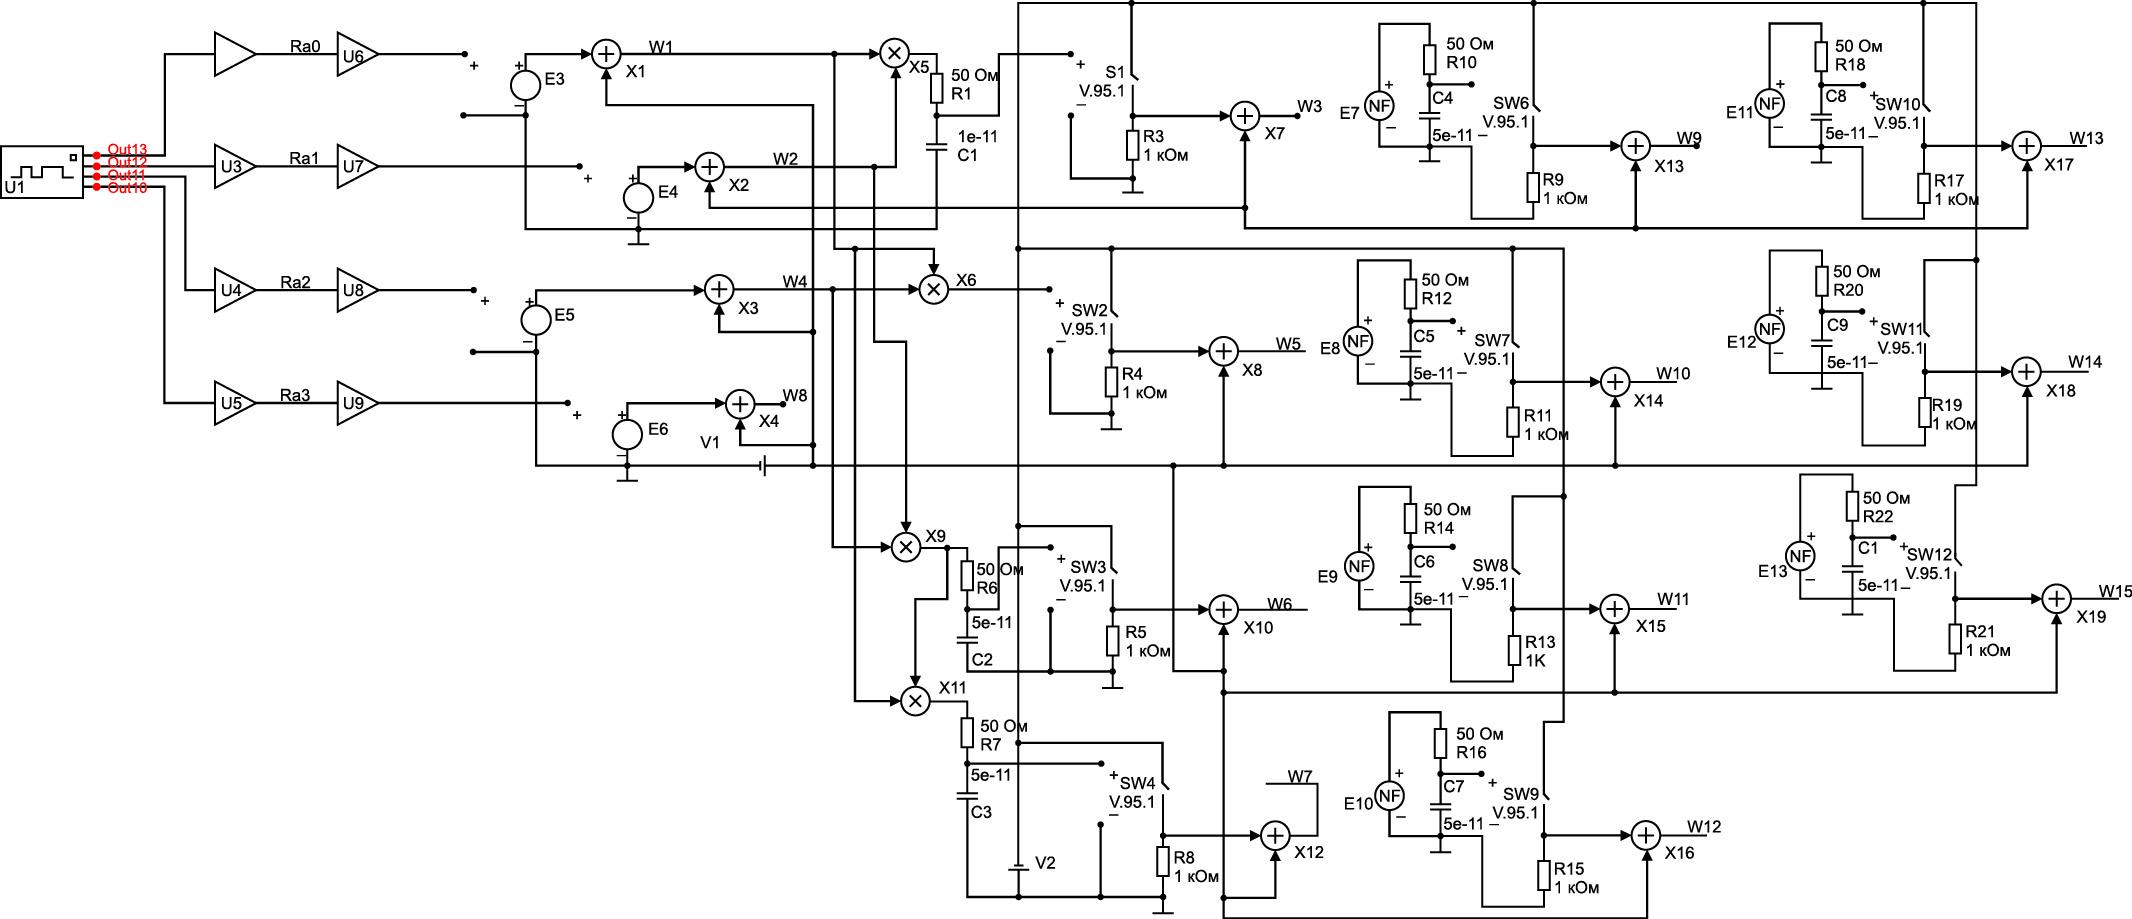 Схема модели, синтезирующей 16 сигналов Уолша в среде MicroCap 9